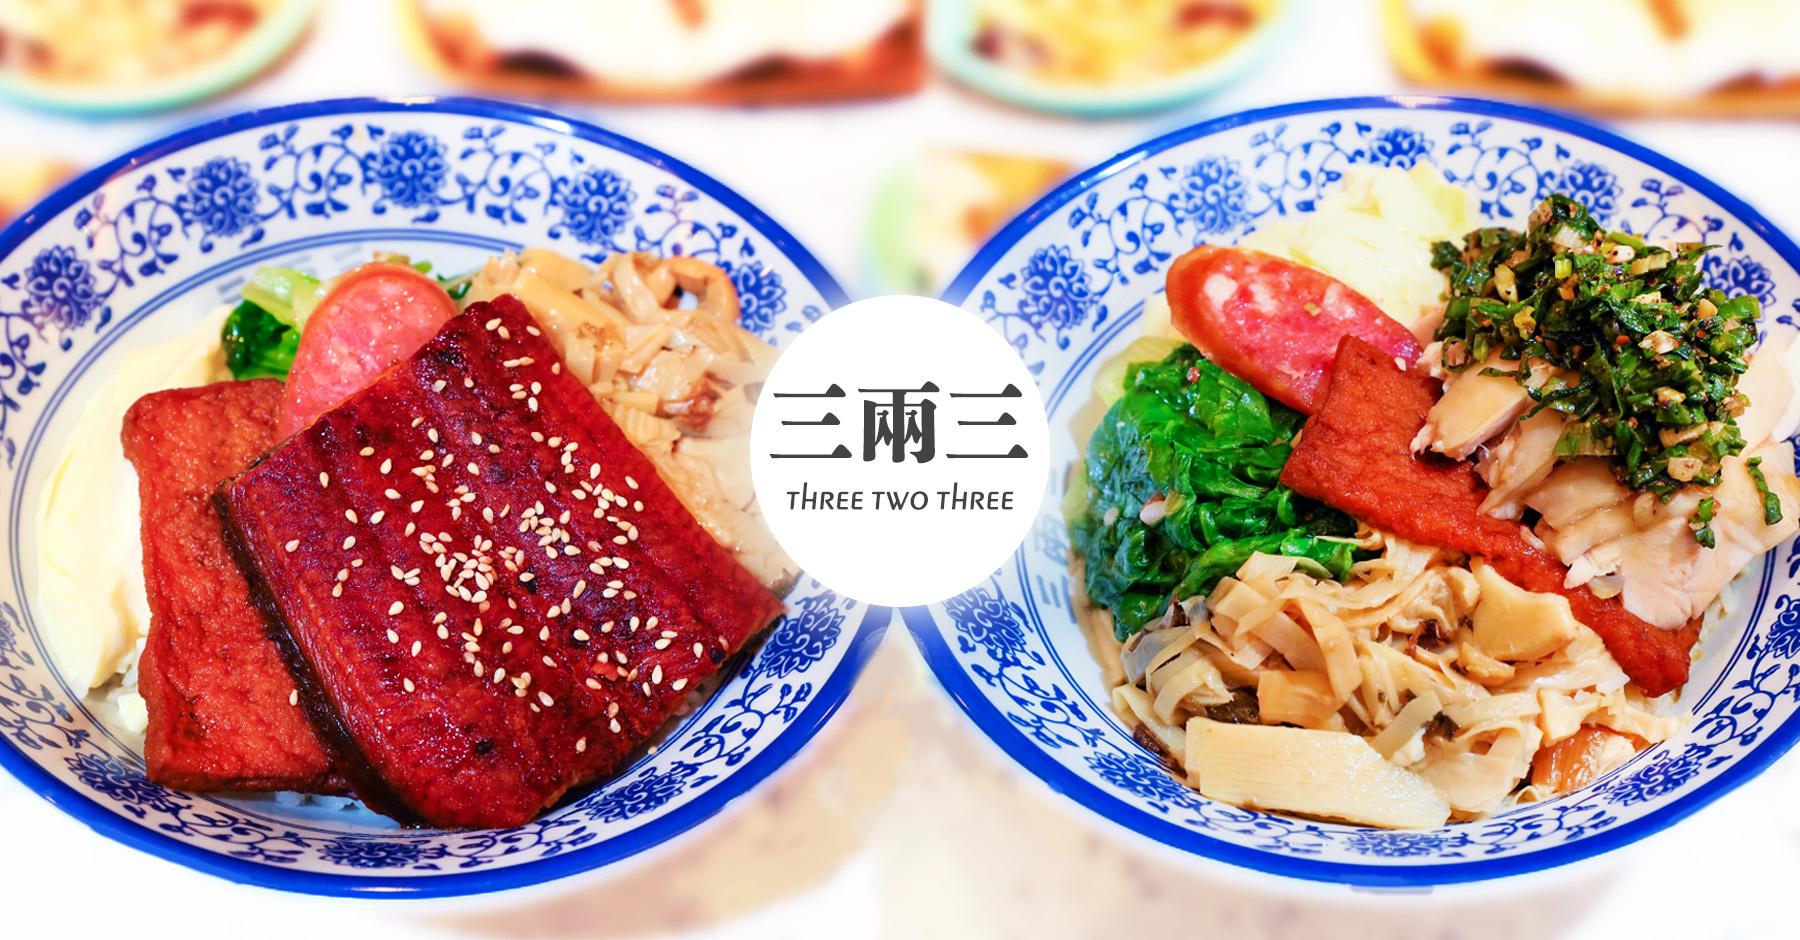 宜蘭羅東美食|三兩三雞肉飯專賣店|外燴總鋪手藝無骨雞肉飯雞湯鰻魚便當菜單